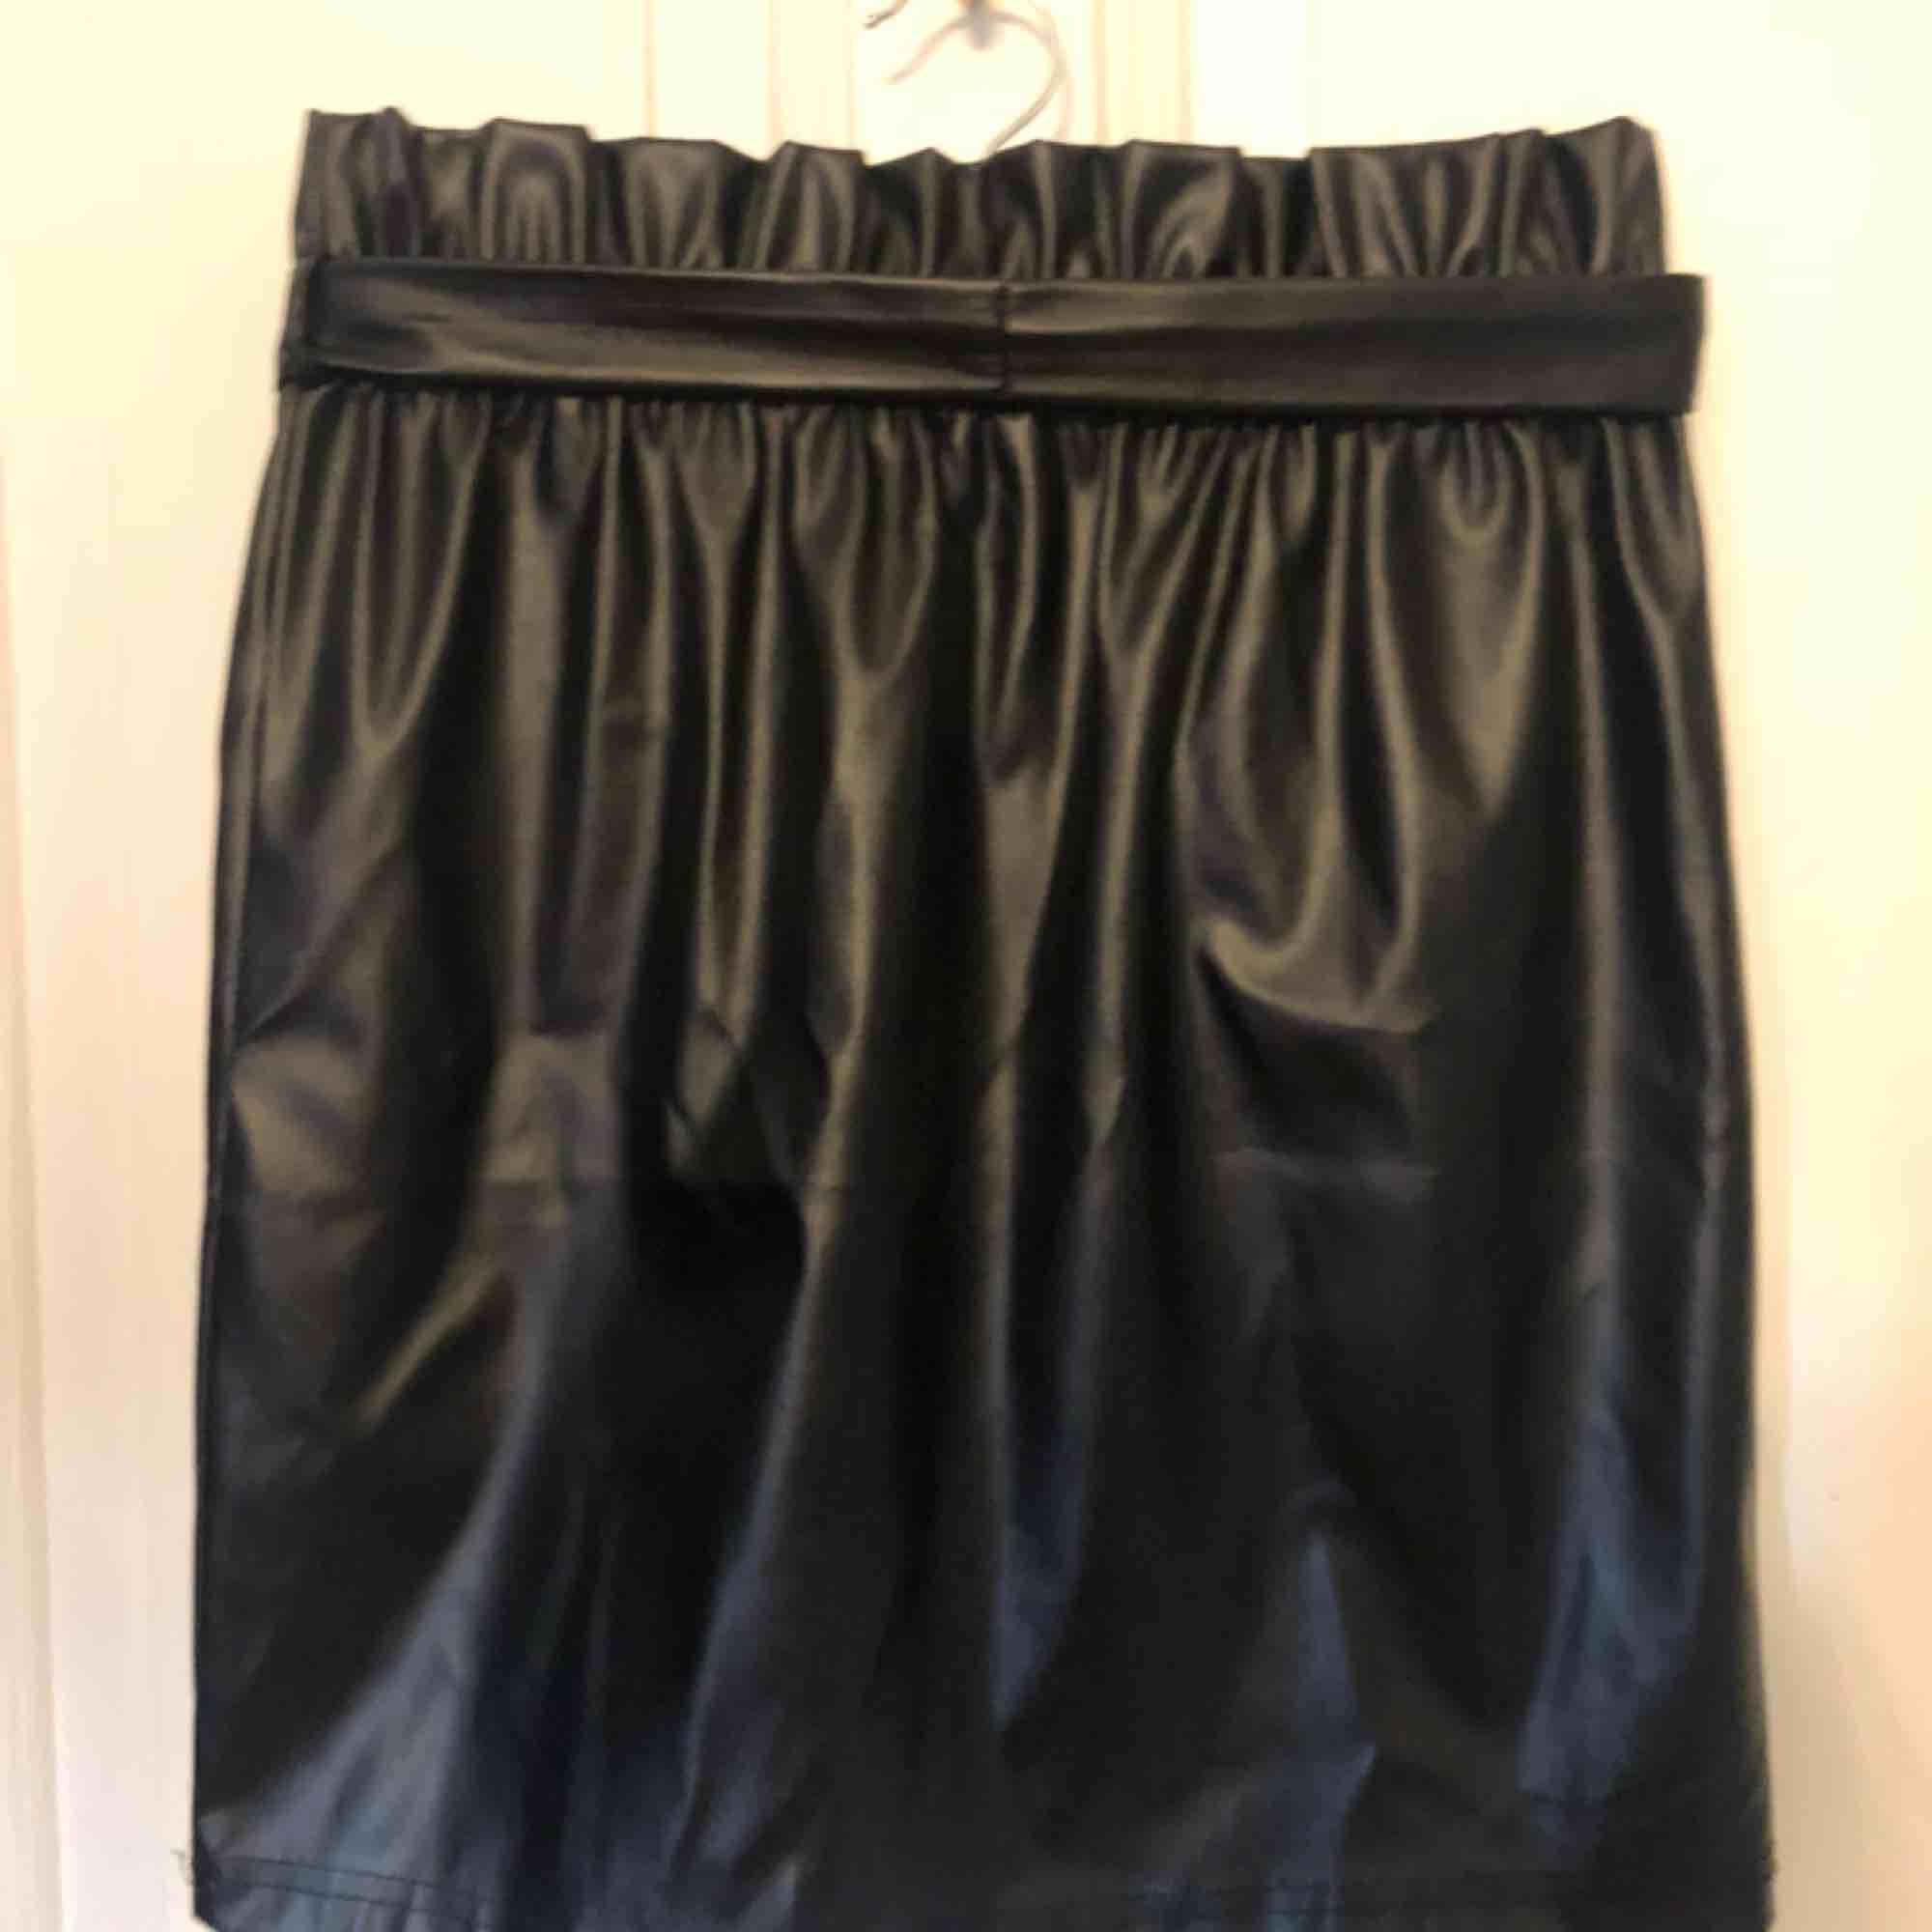 svart skinkjol inkluserat skinband, fint veckad längst kanten och aldrig använd, köpt för ungefär 3 månader sen💓. Kjolar.